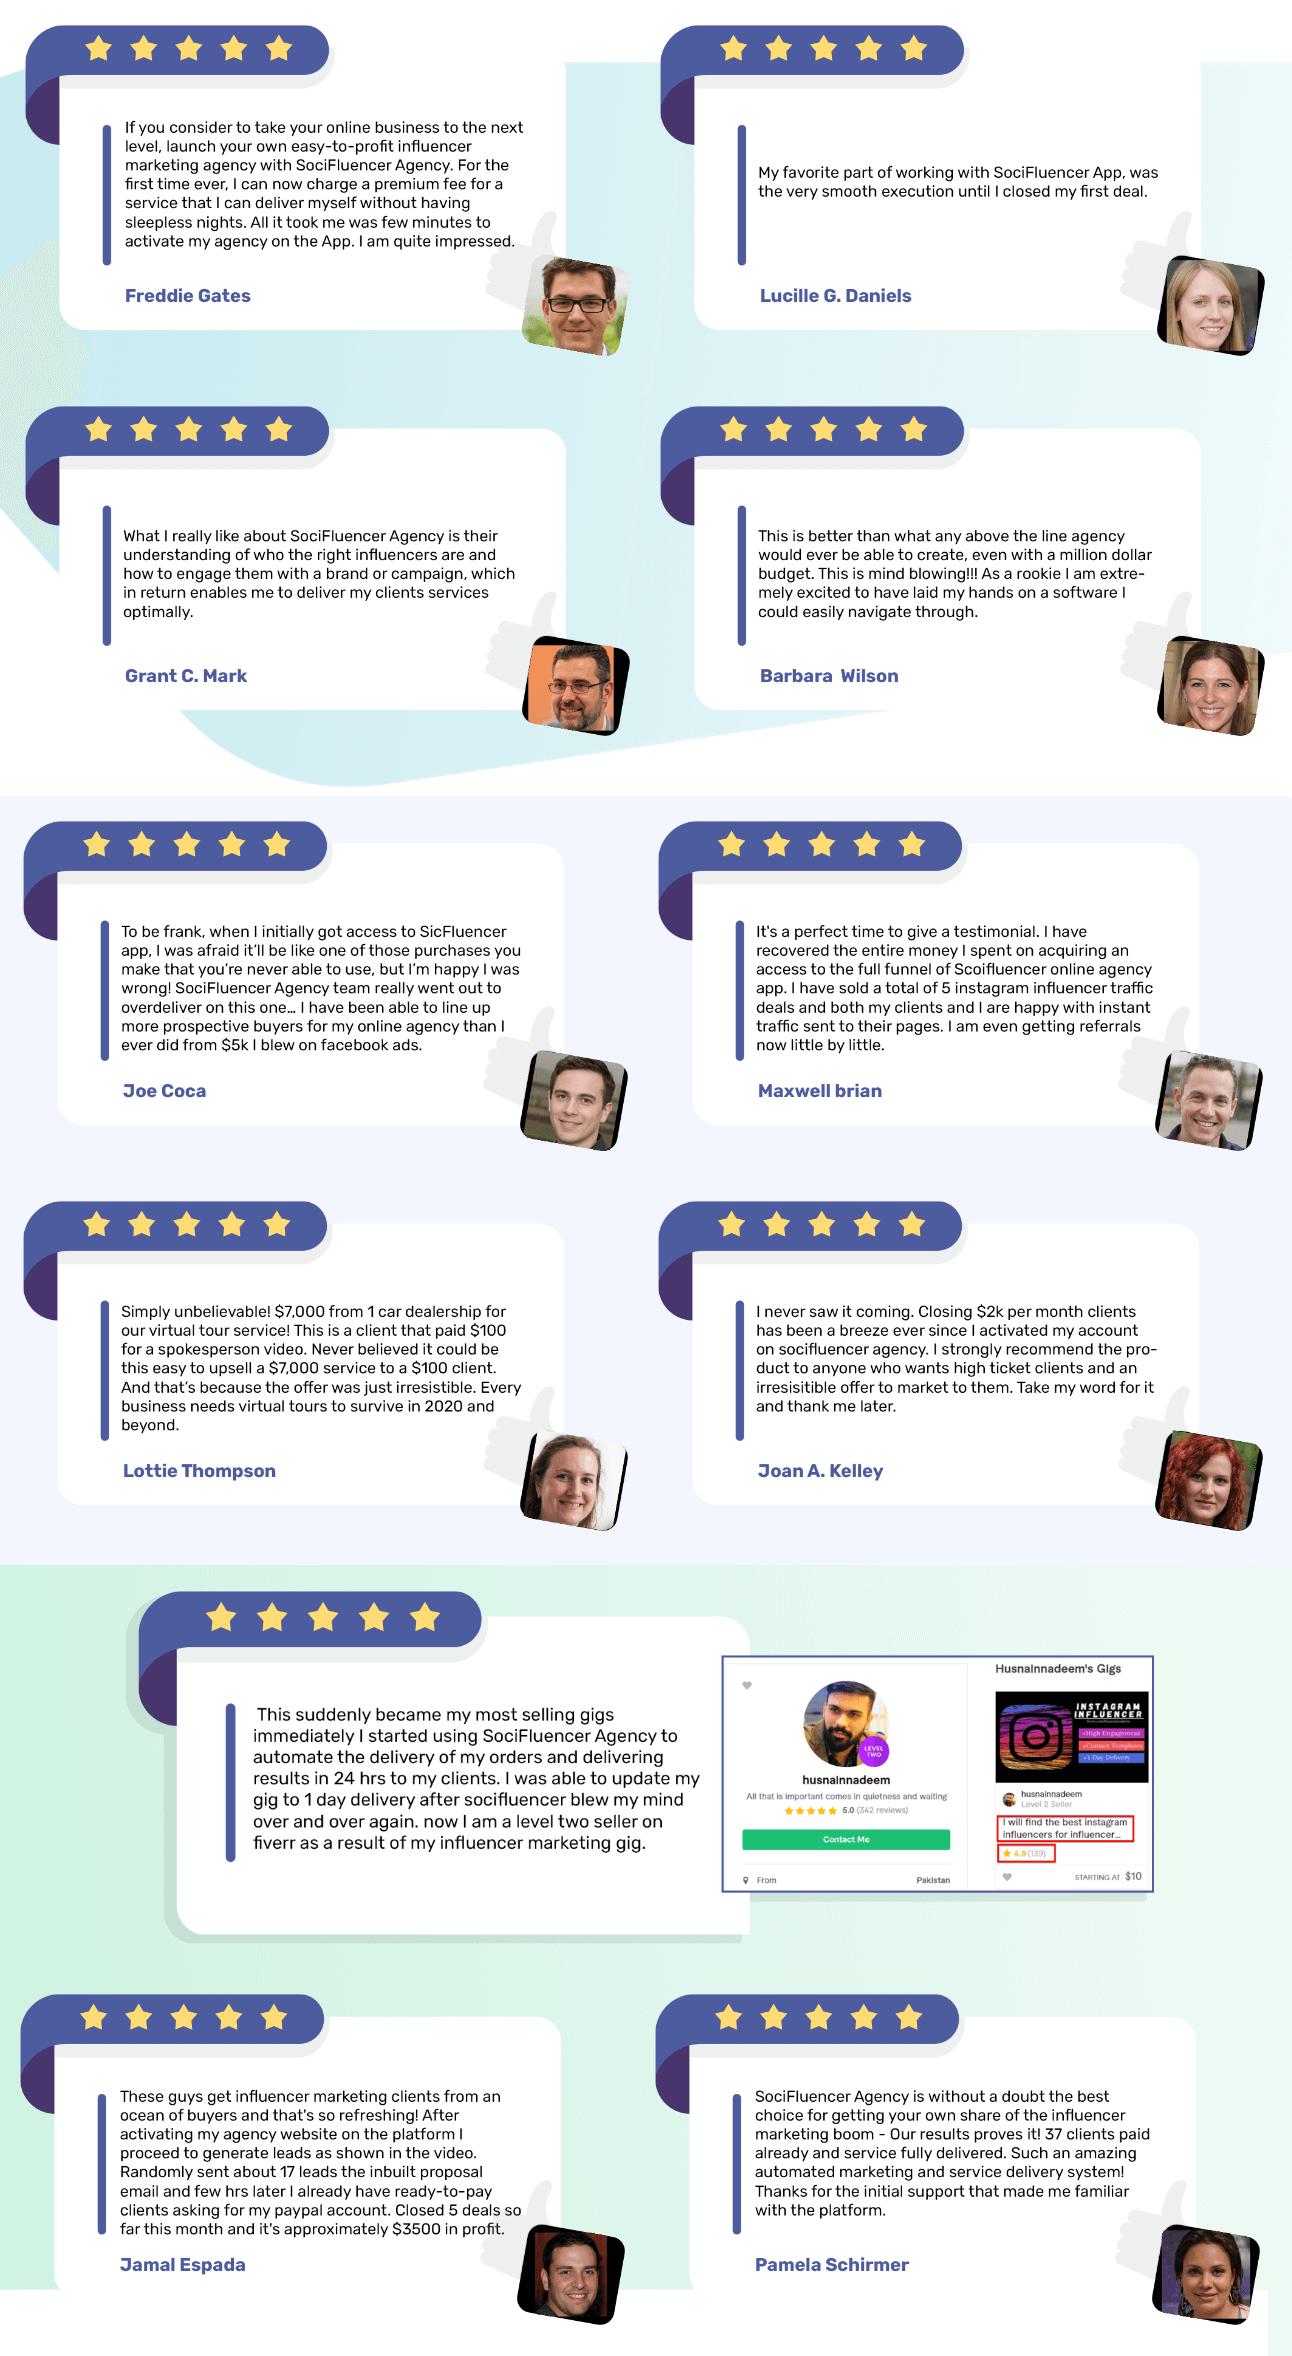 SociFluencer-feedback